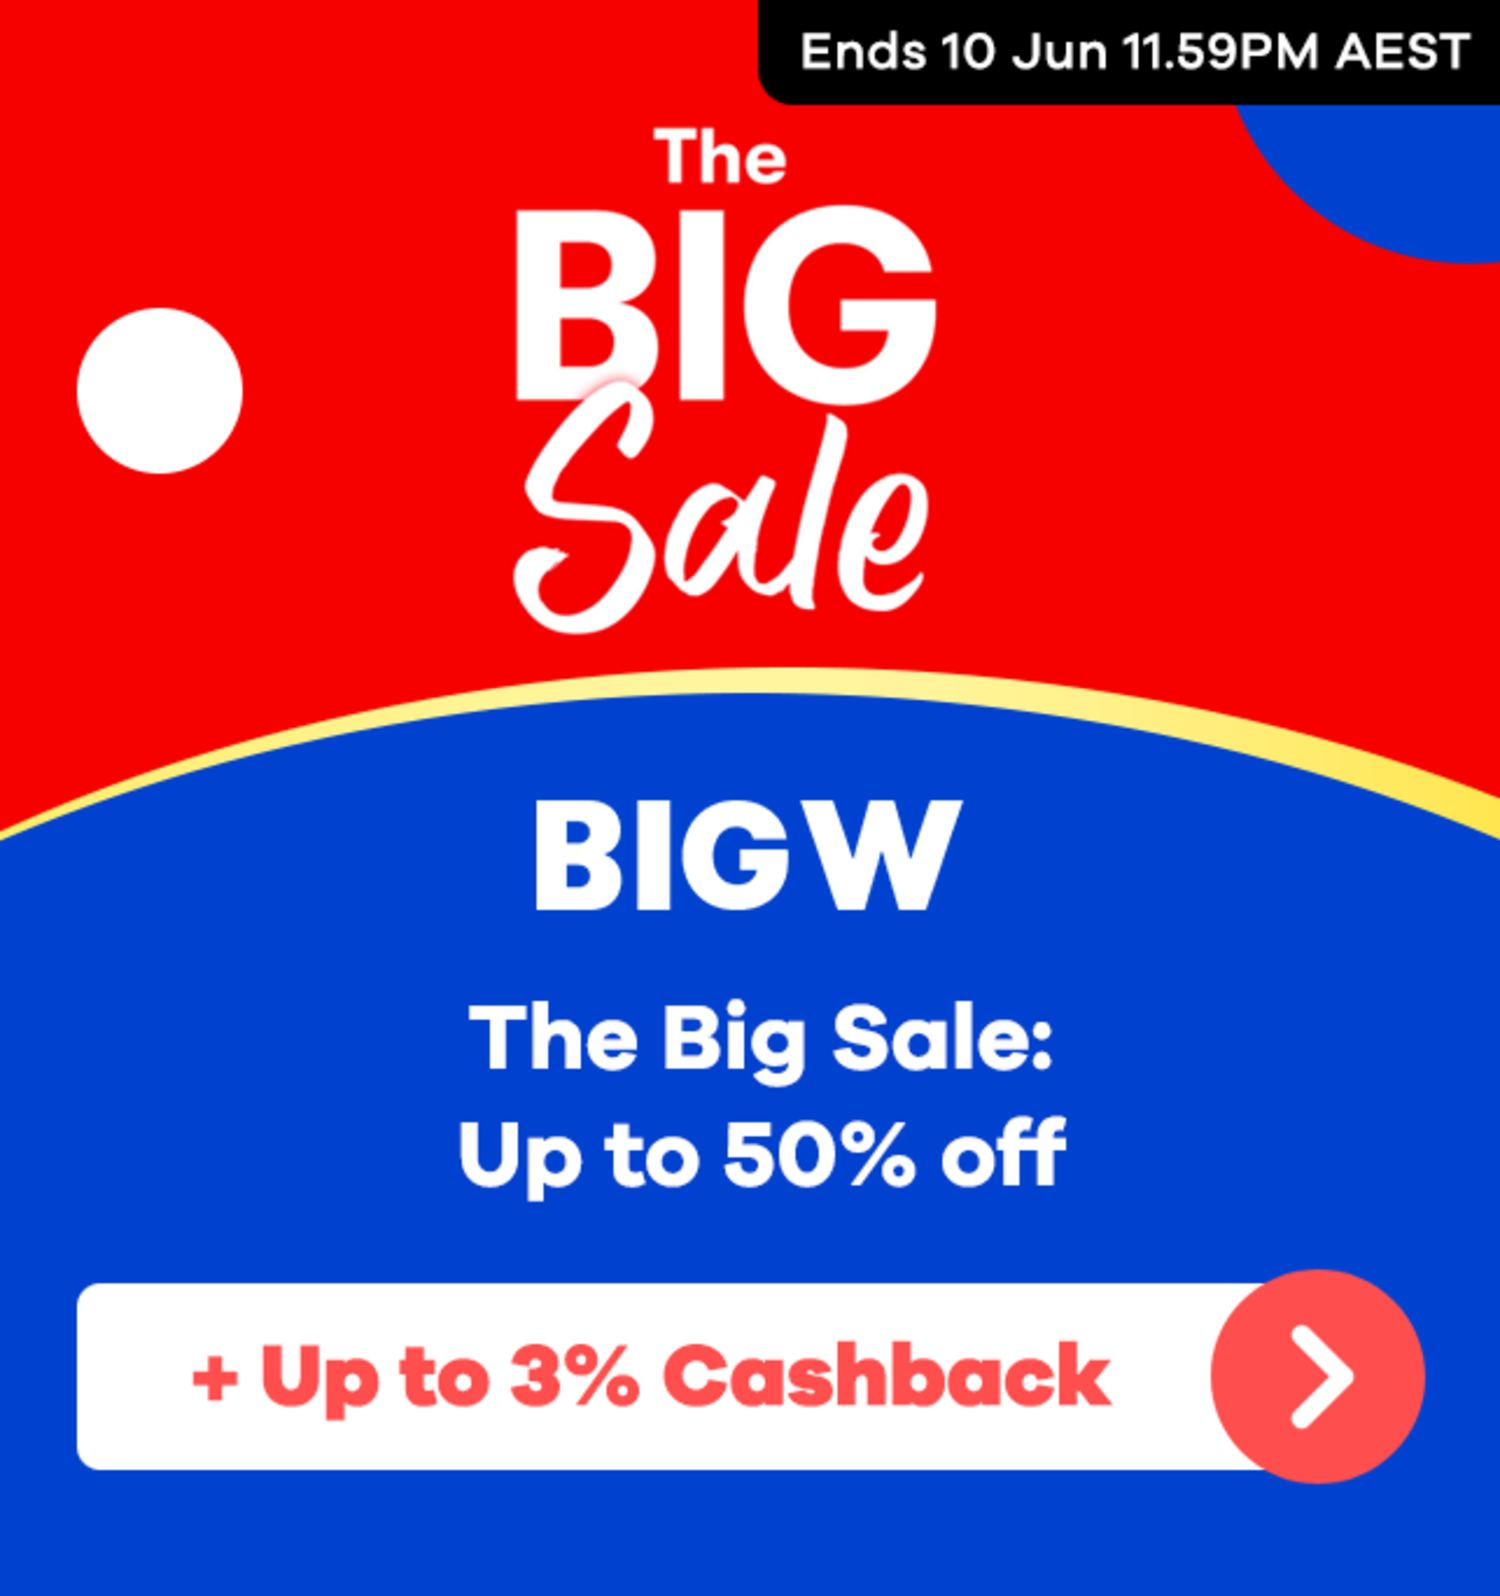 BIG W - The Big Sale